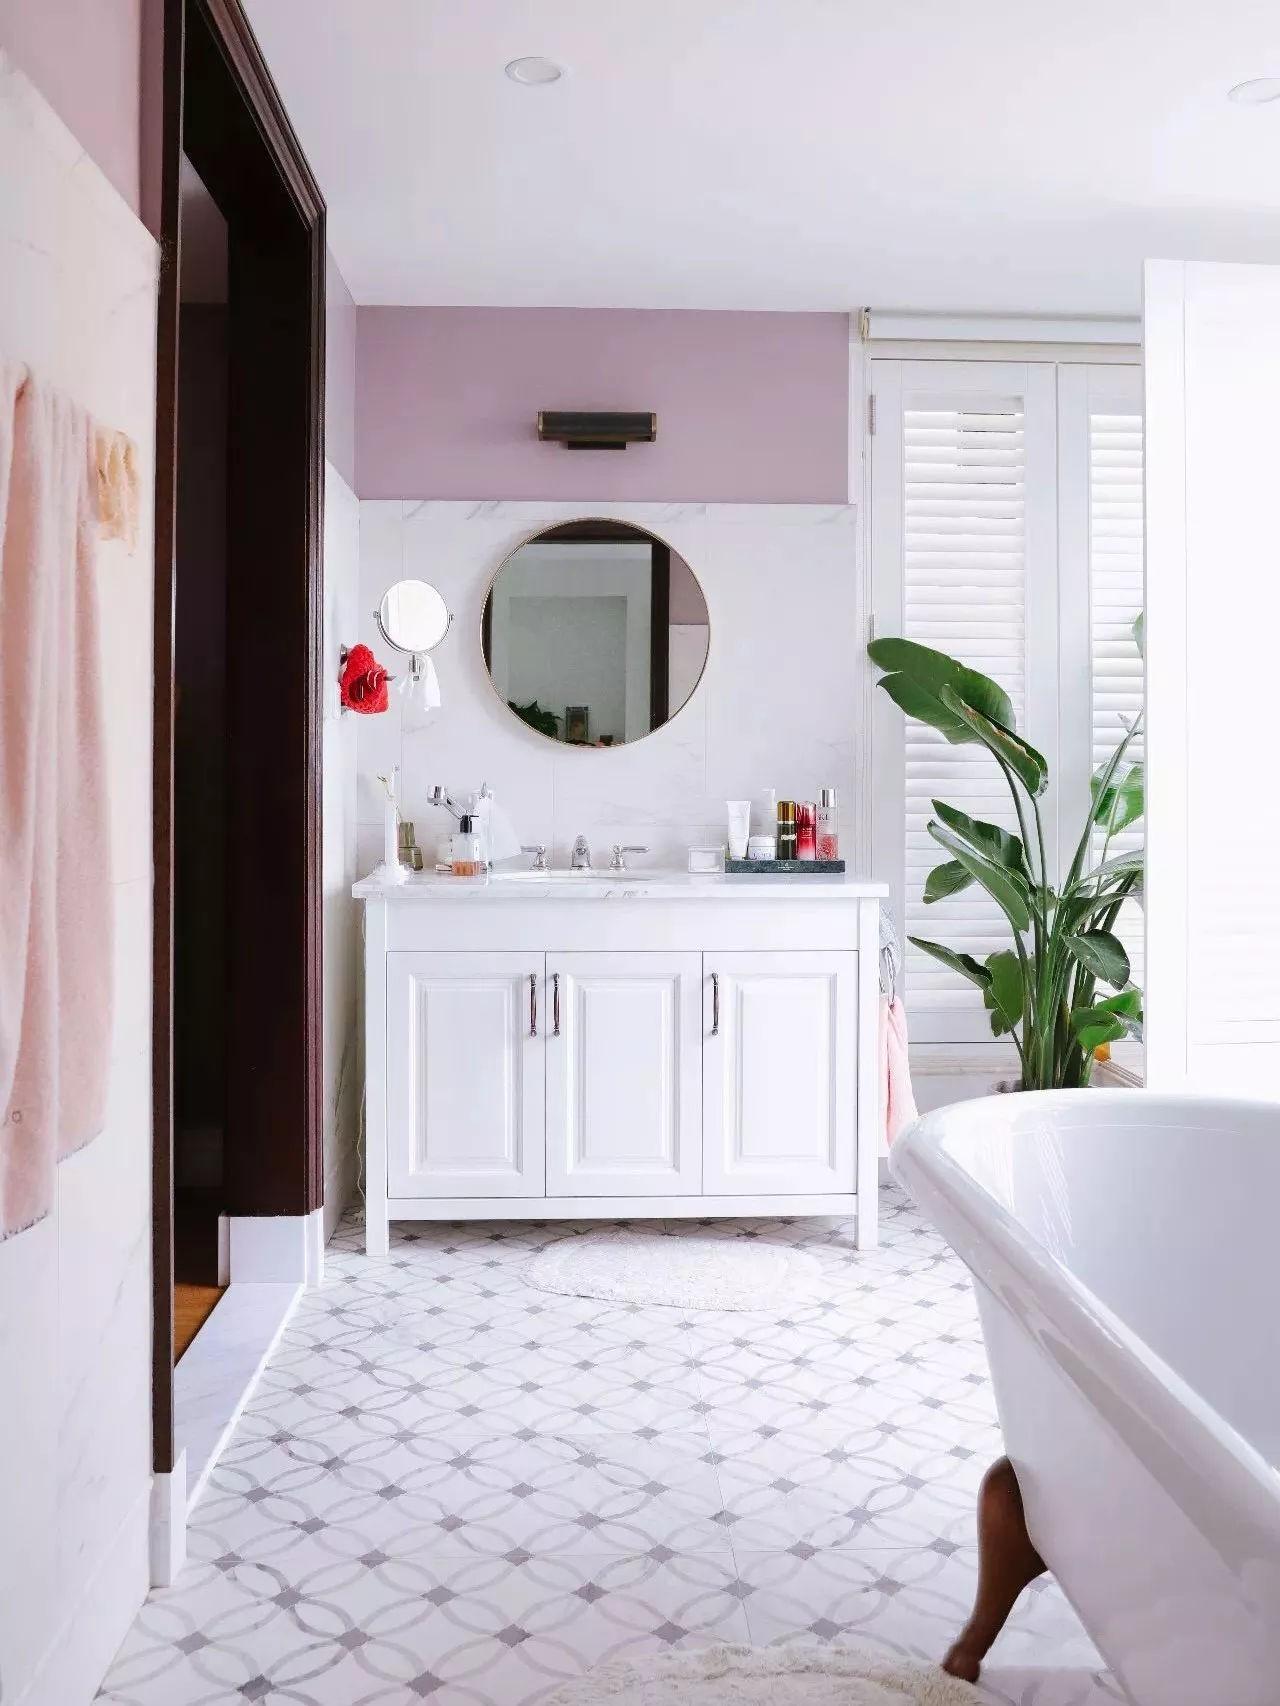 Phòng tắm được trang trí nhã nhặn với tông màu sáng